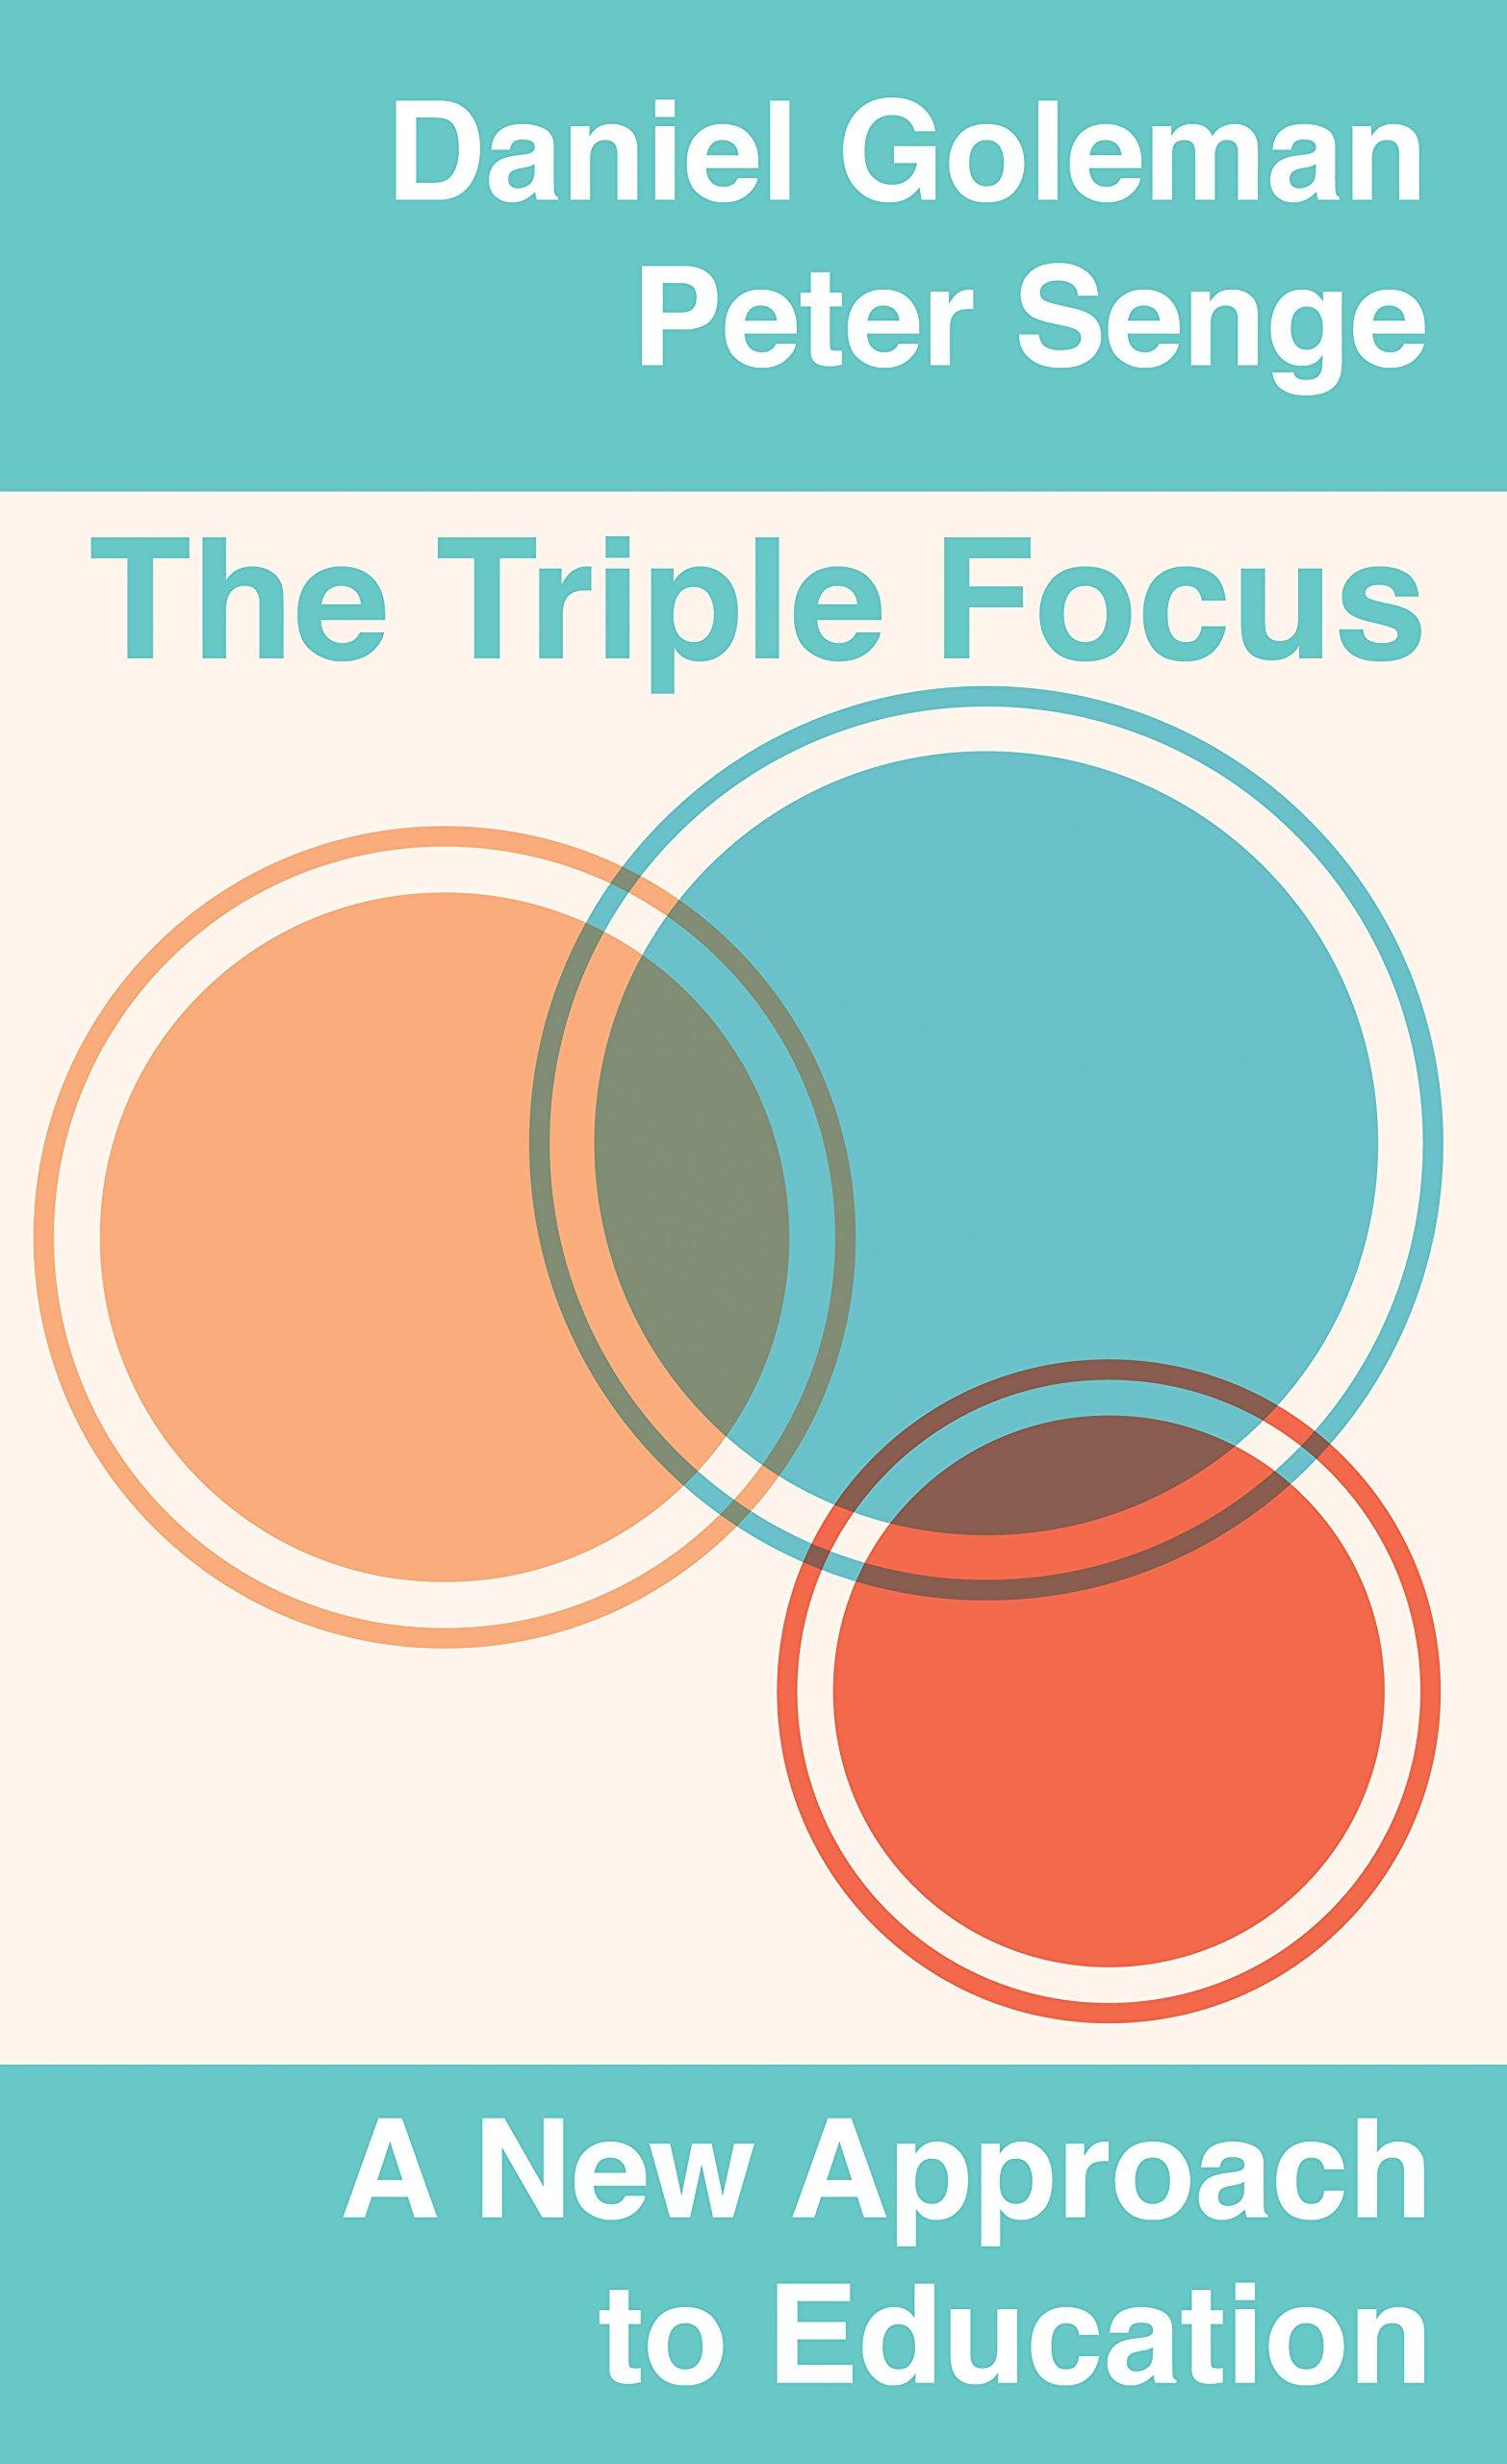 Daniel education system - The Triple Focus A New Approach To Education Daniel Goleman Peter Senge 9781934441787 Amazon Com Books